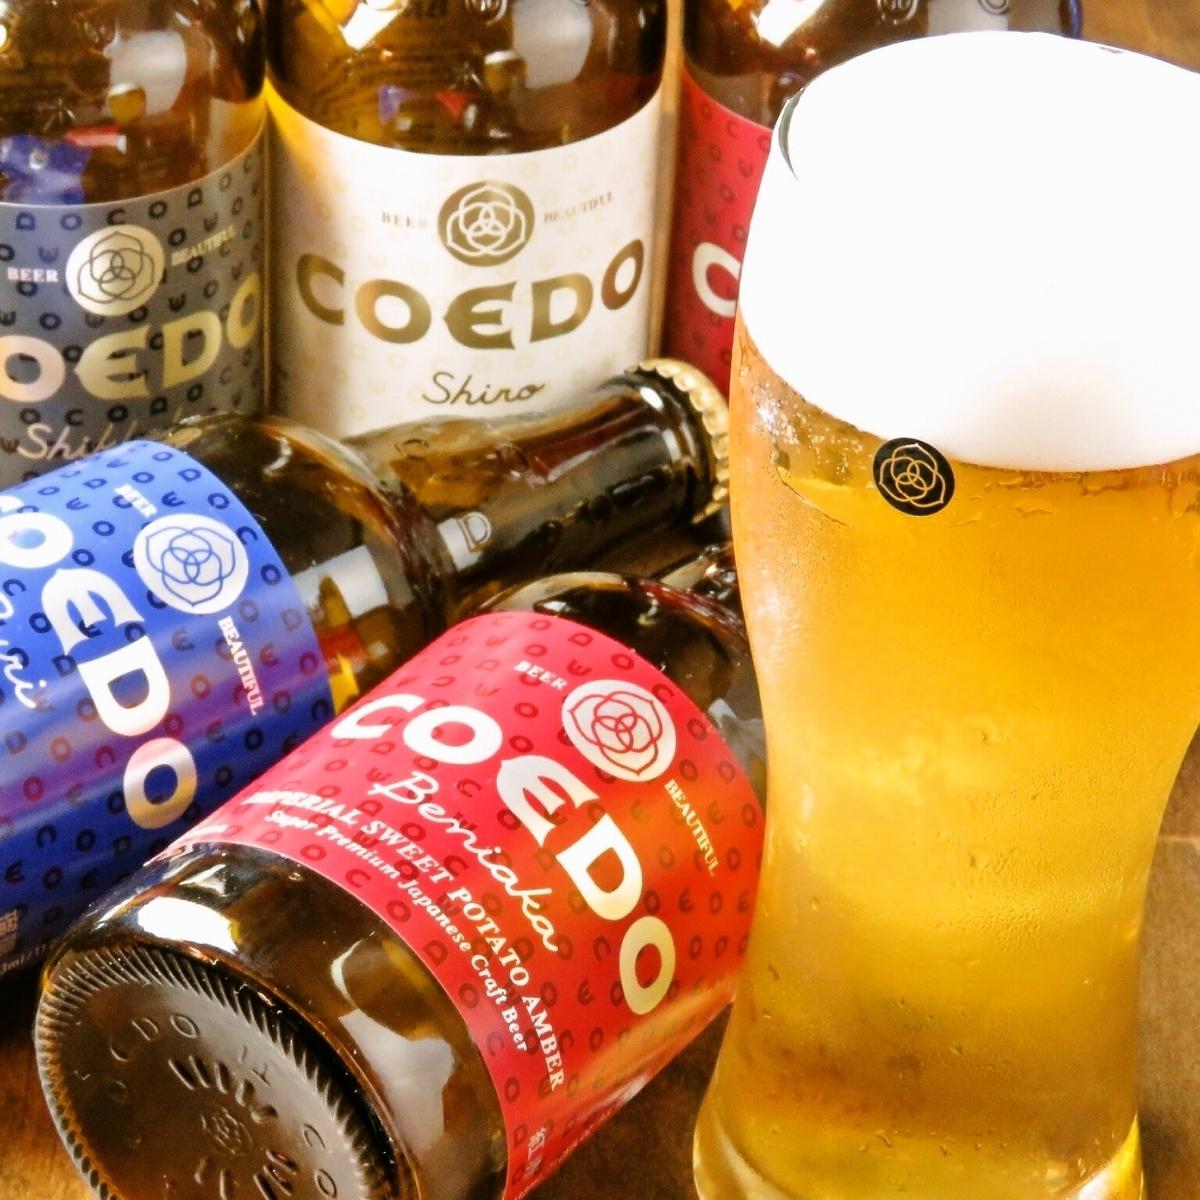 明石ではココだけ!?ビールのワールドカップ銀賞受賞『COEDO 瑠璃』の生ビール